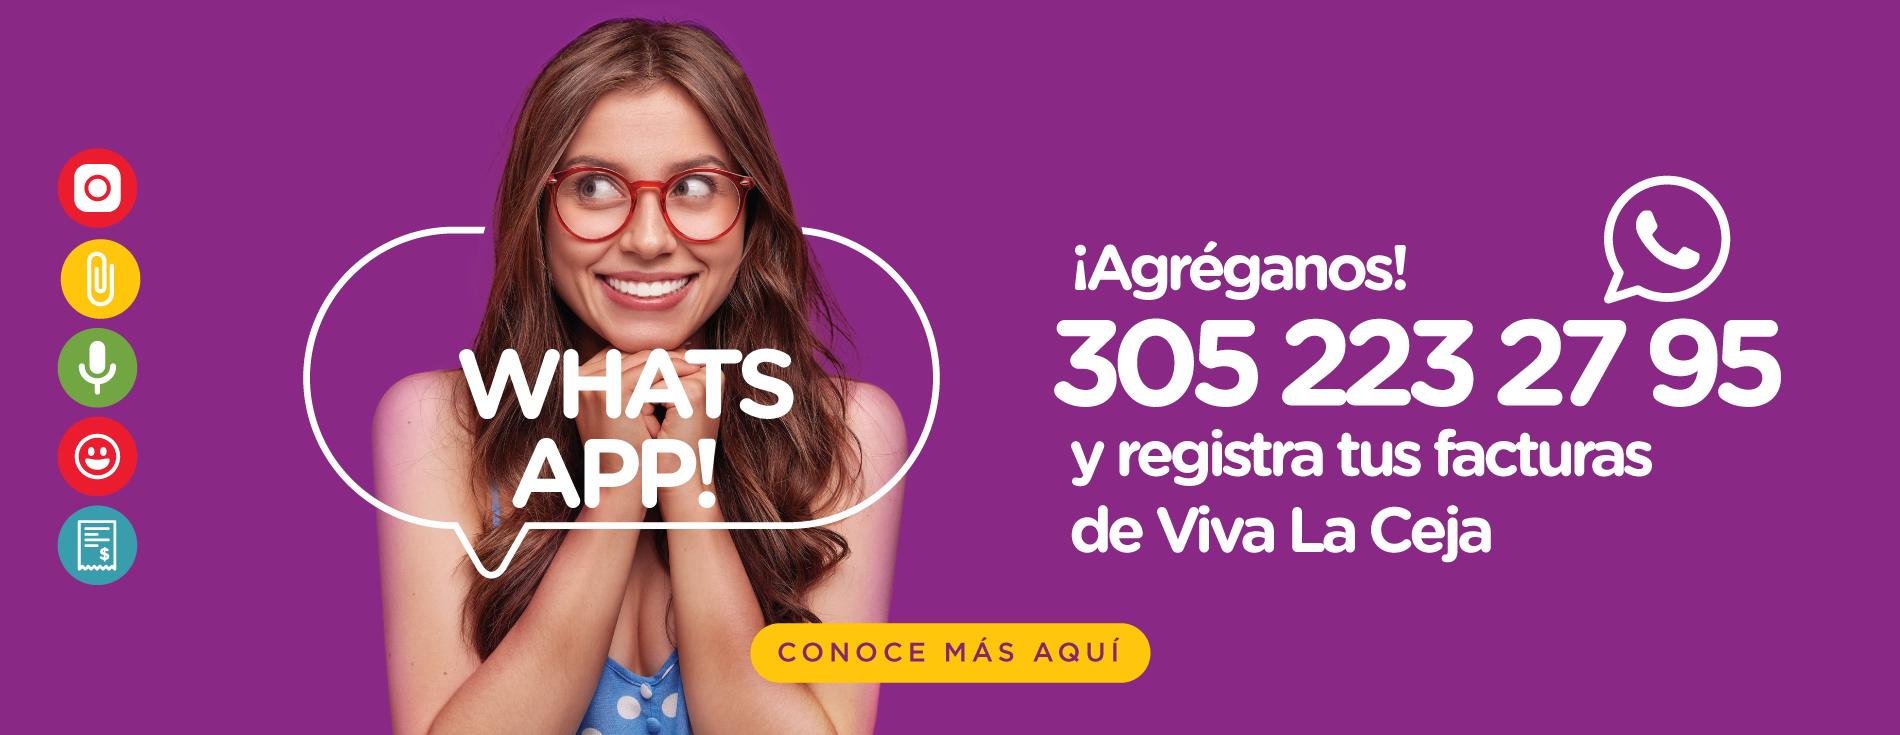 Whatsapp - La Ceja